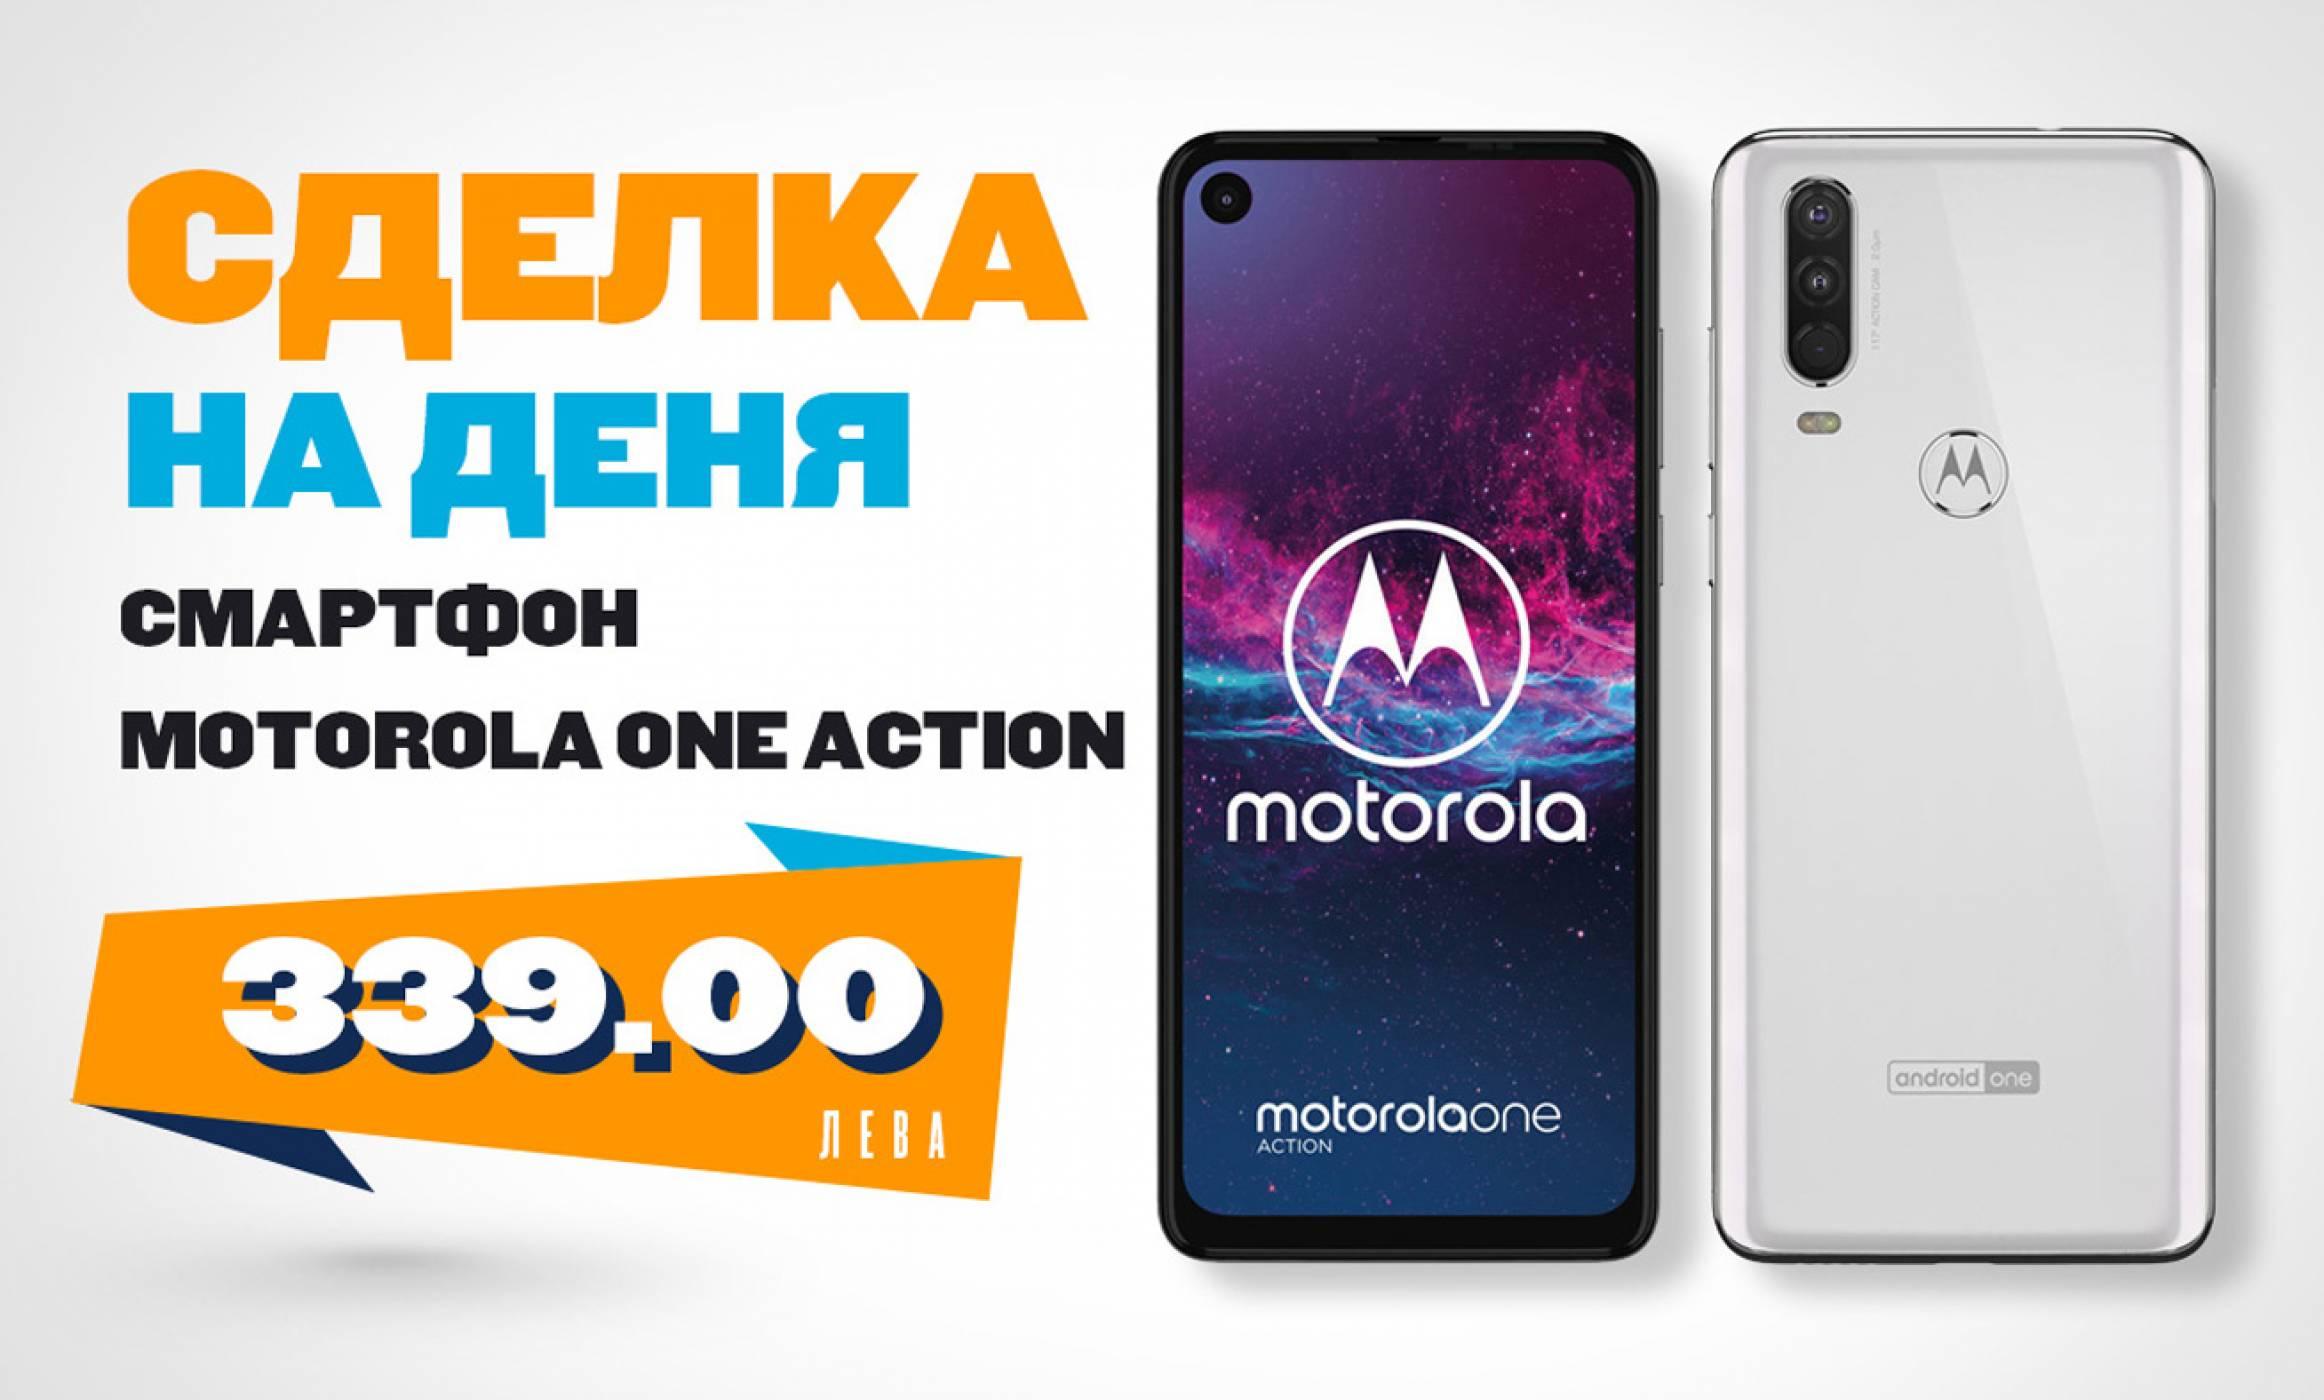 Цветен, летен - Motorola One Action e чудесен